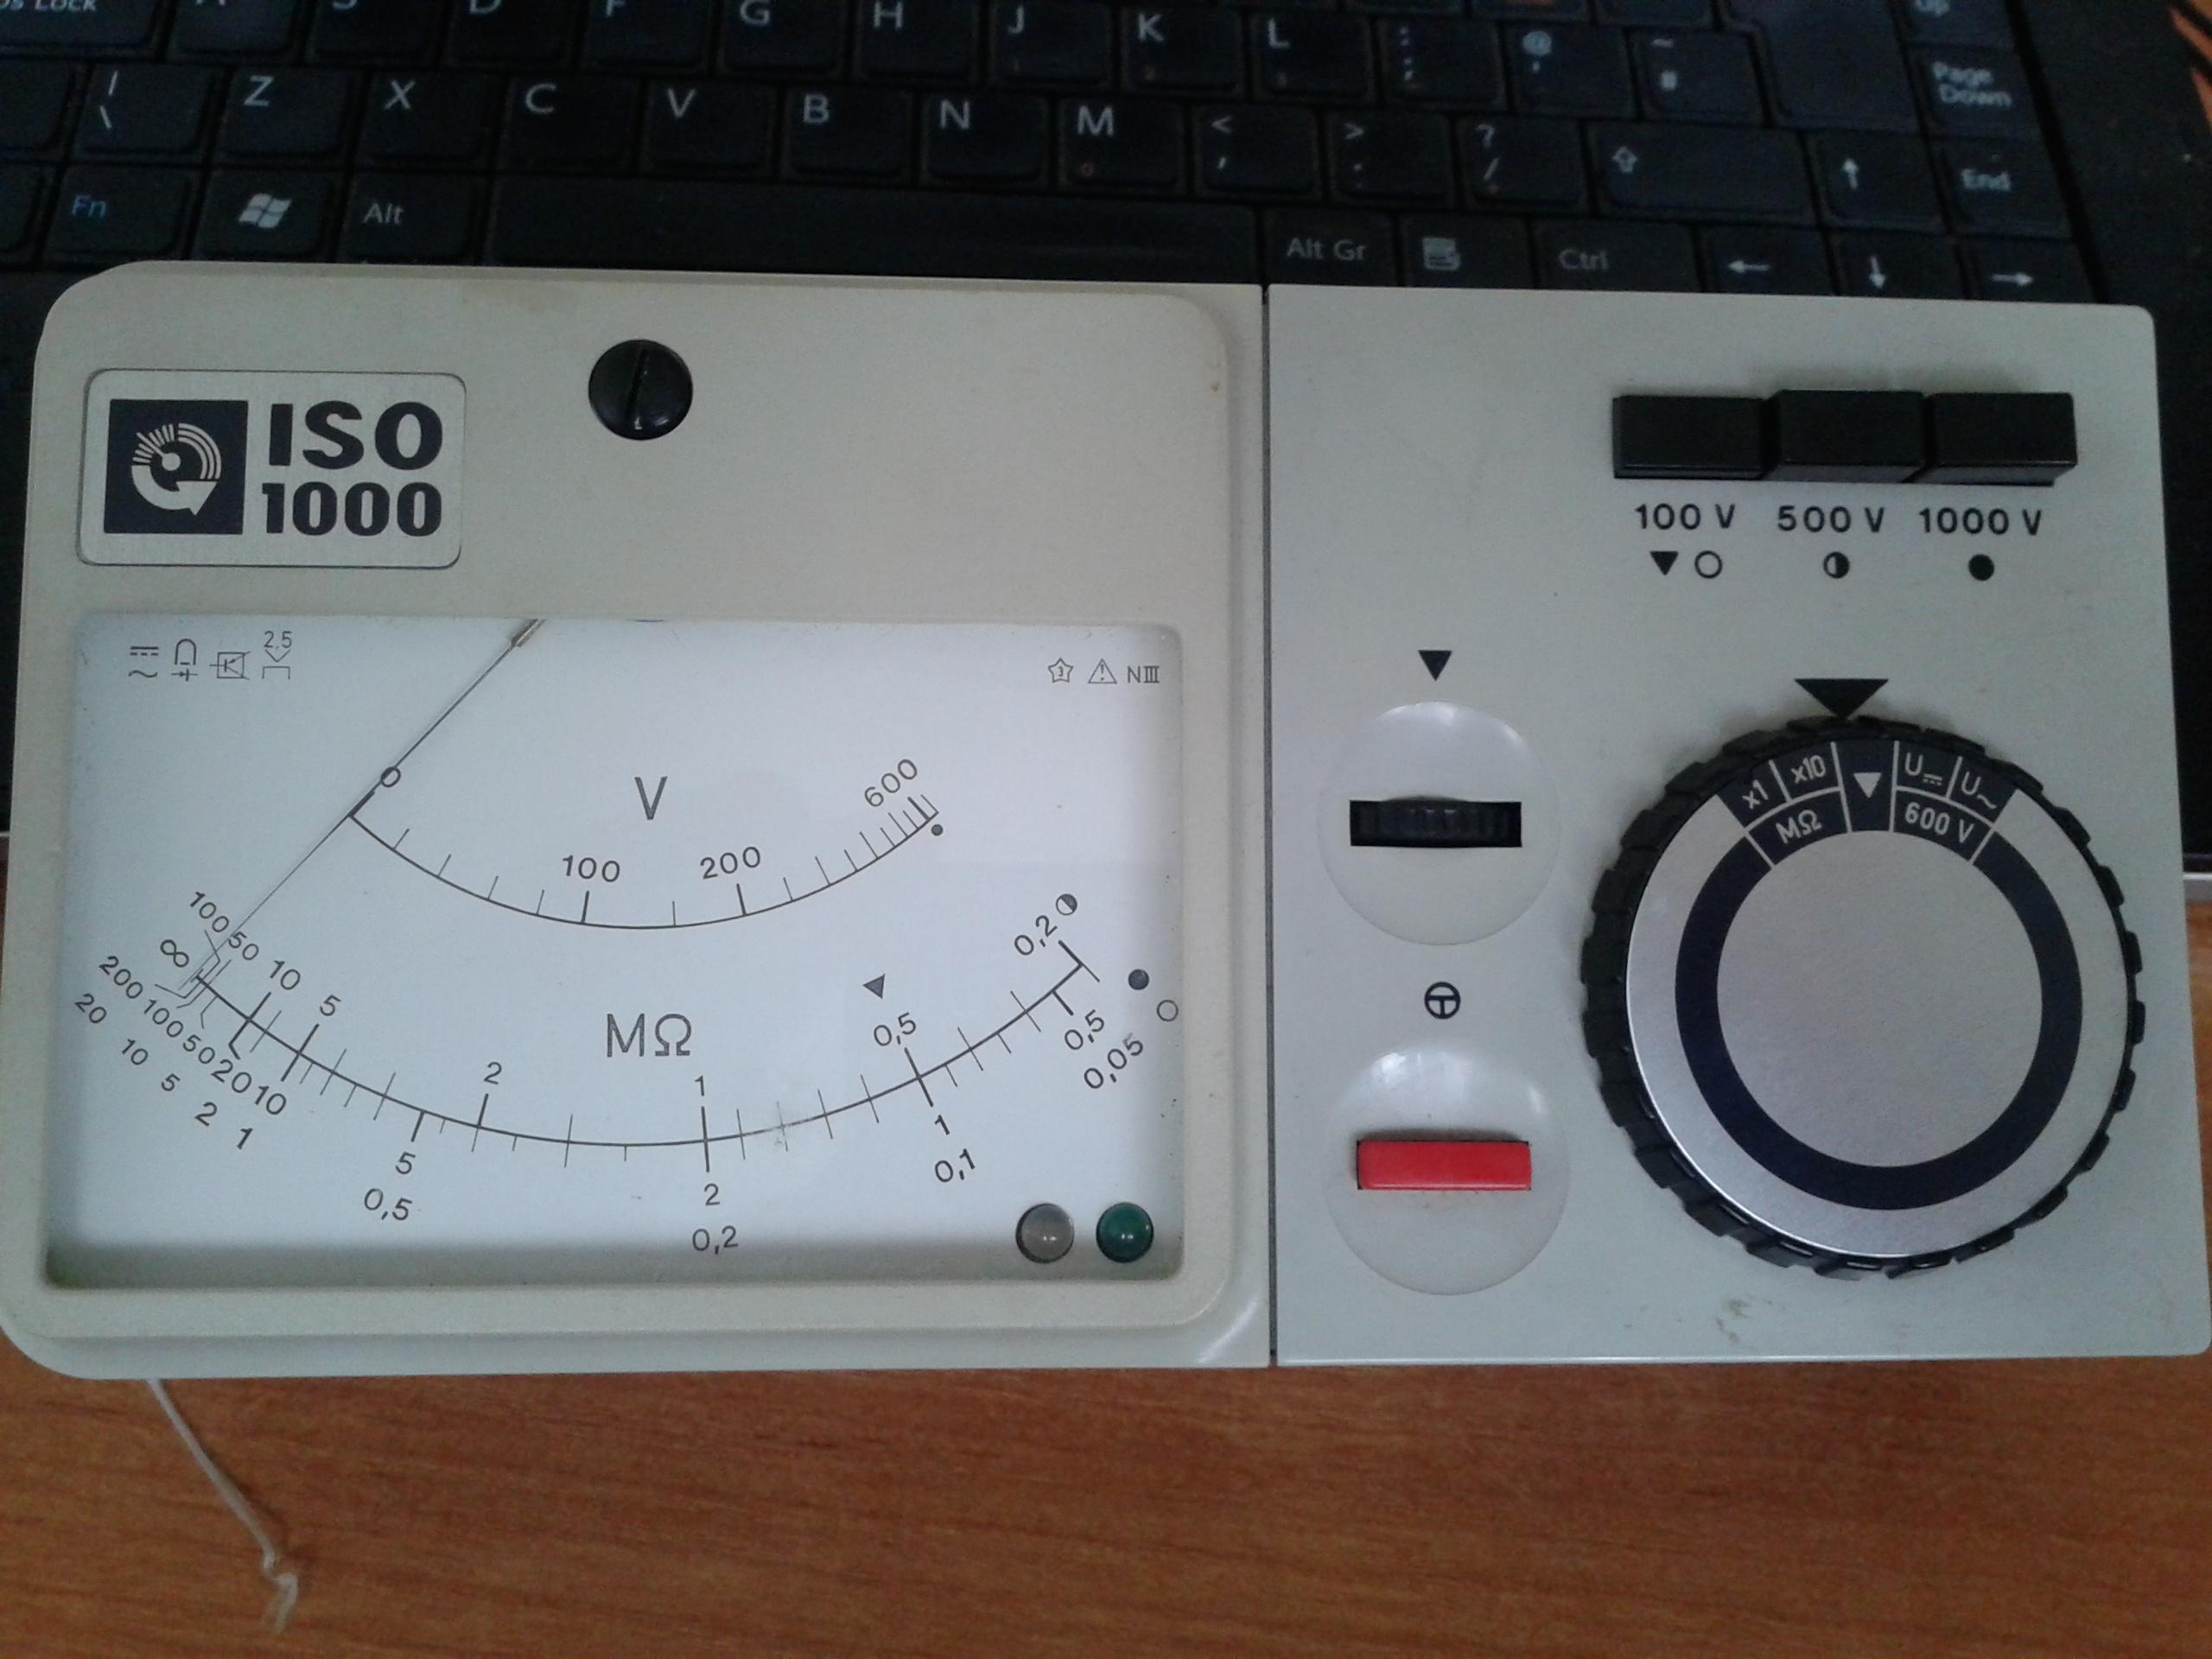 Isolationsmesser ISO 1000 - Miernik do pomiaru rezystancji izolacji obs�uga